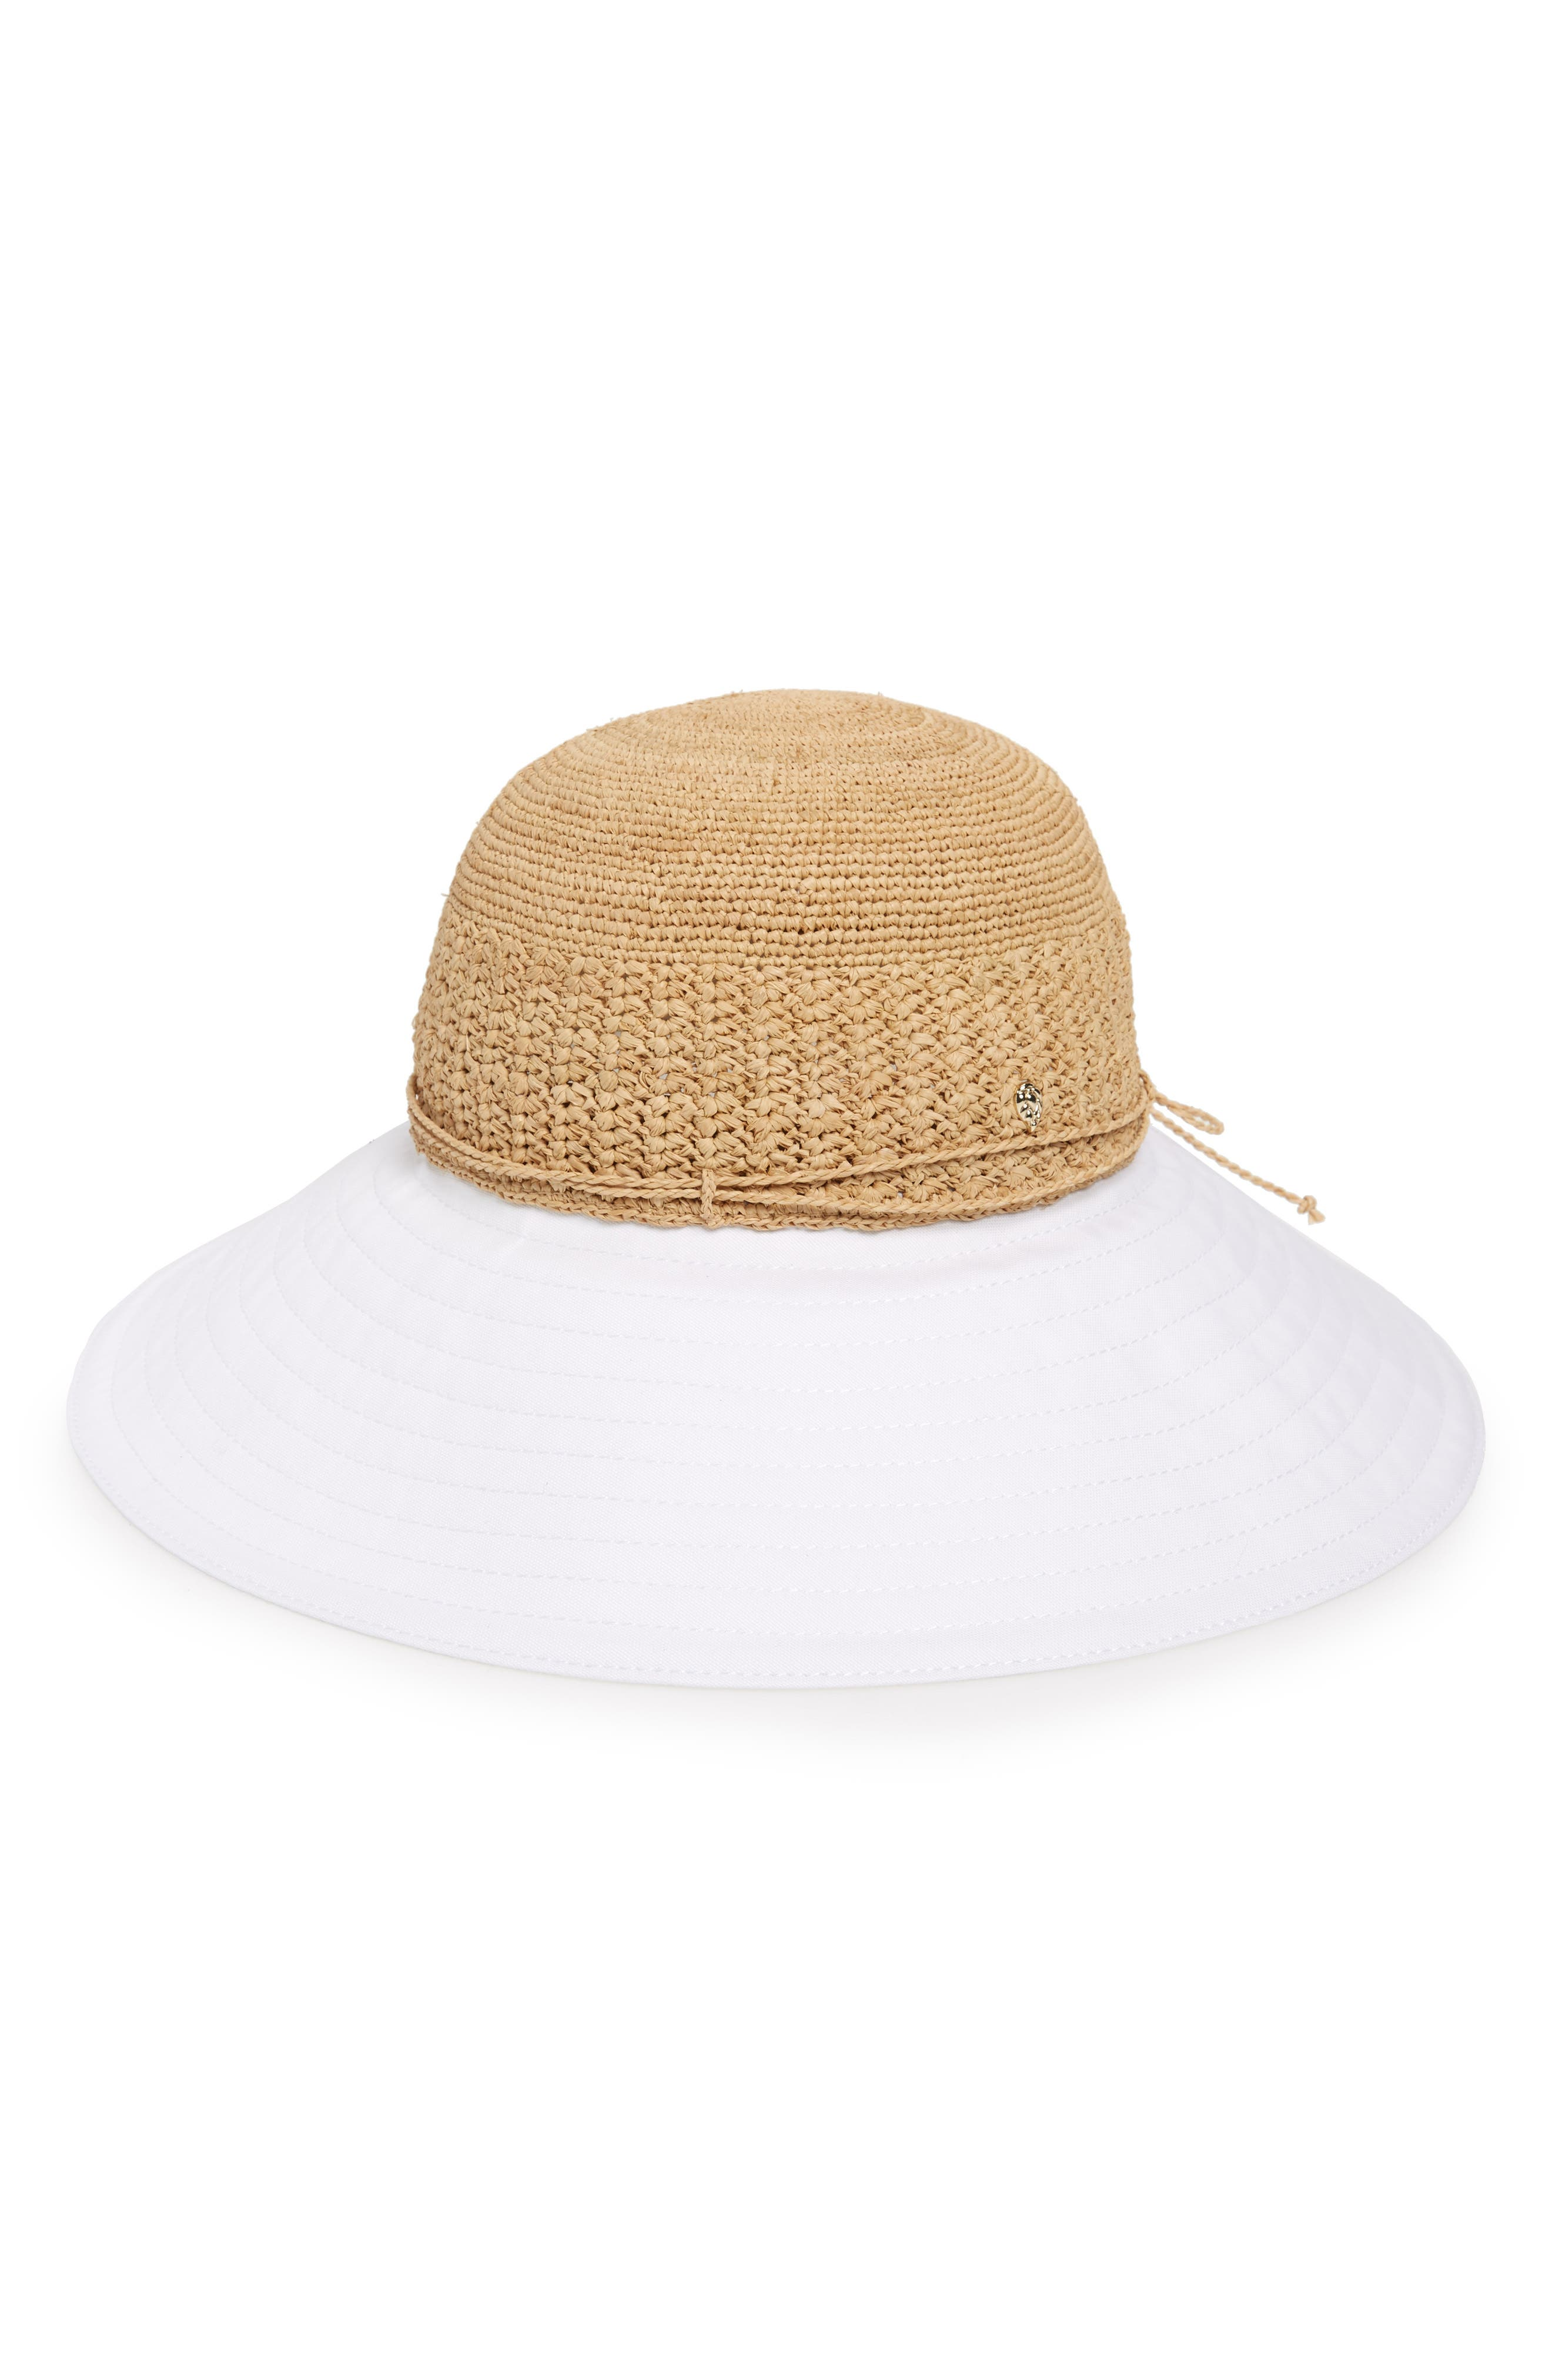 Raffia & Cotton Packable Wide Brim Hat,                             Main thumbnail 1, color,                             250